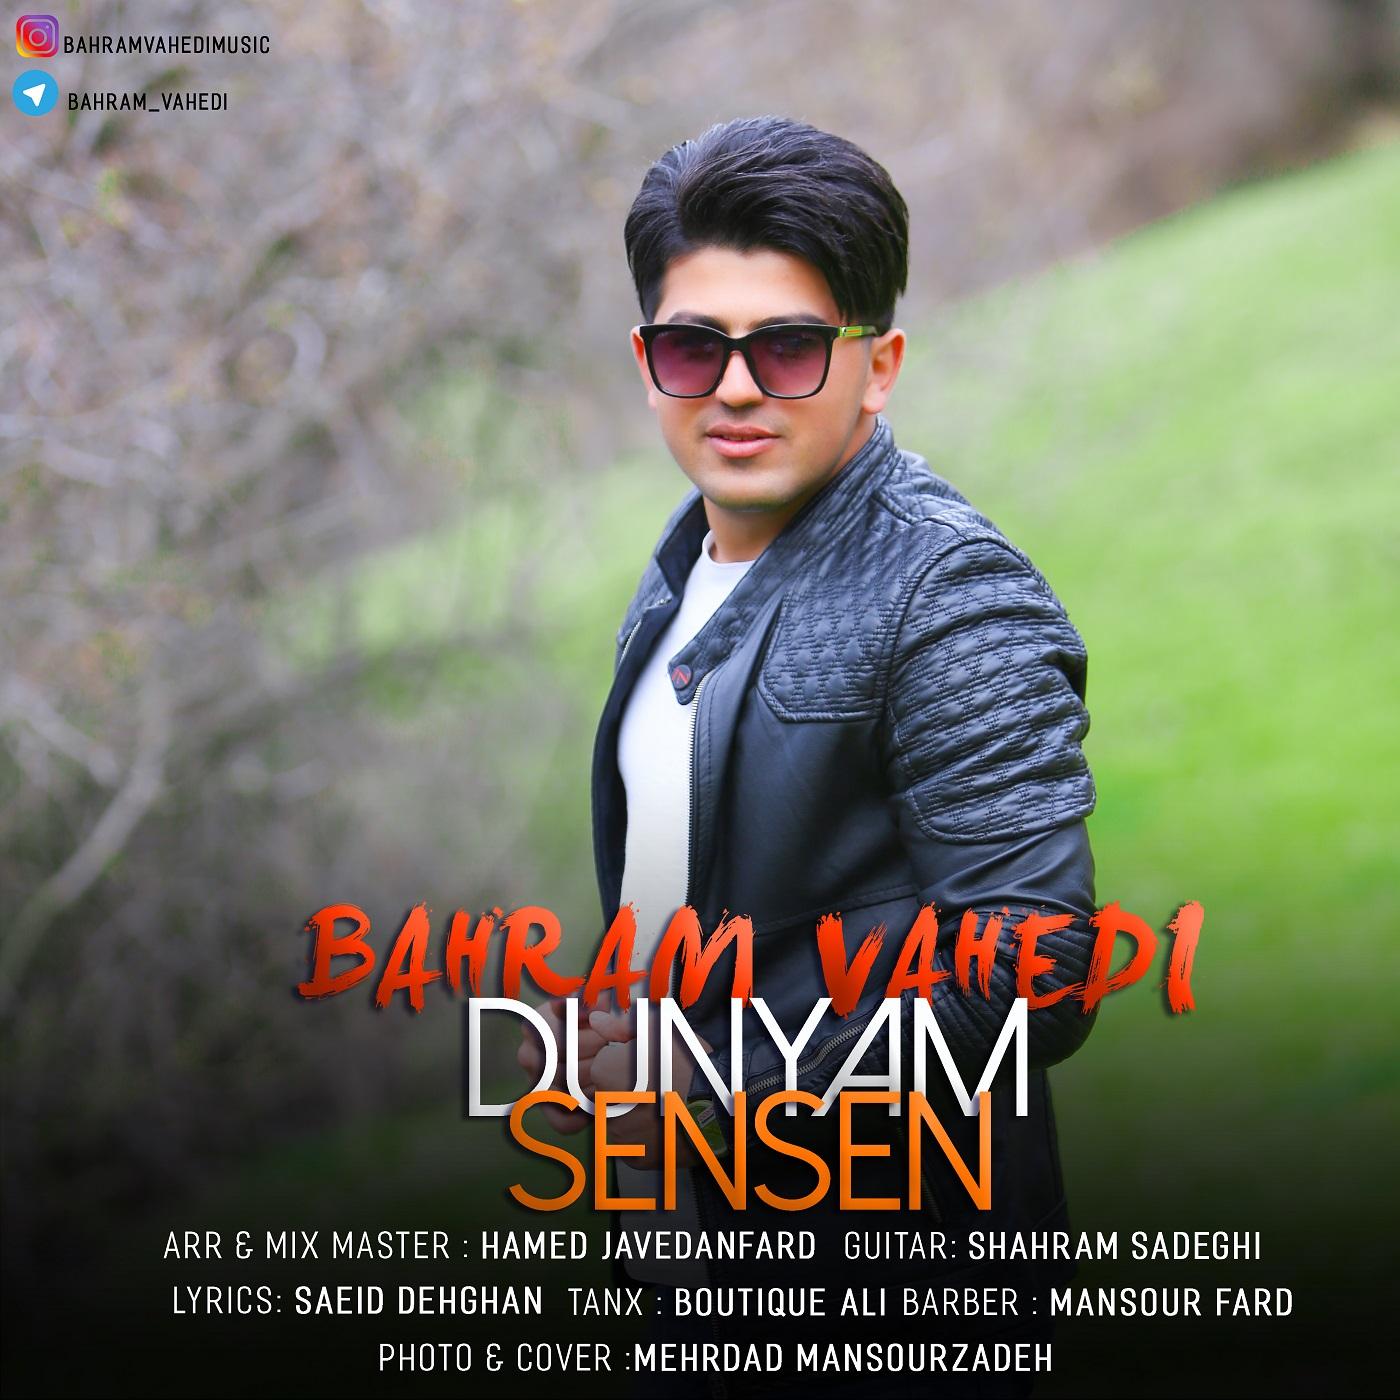 http://s9.picofile.com/file/8359027700/05Bahram_Vahedi_Dunyam_Sensen.jpg